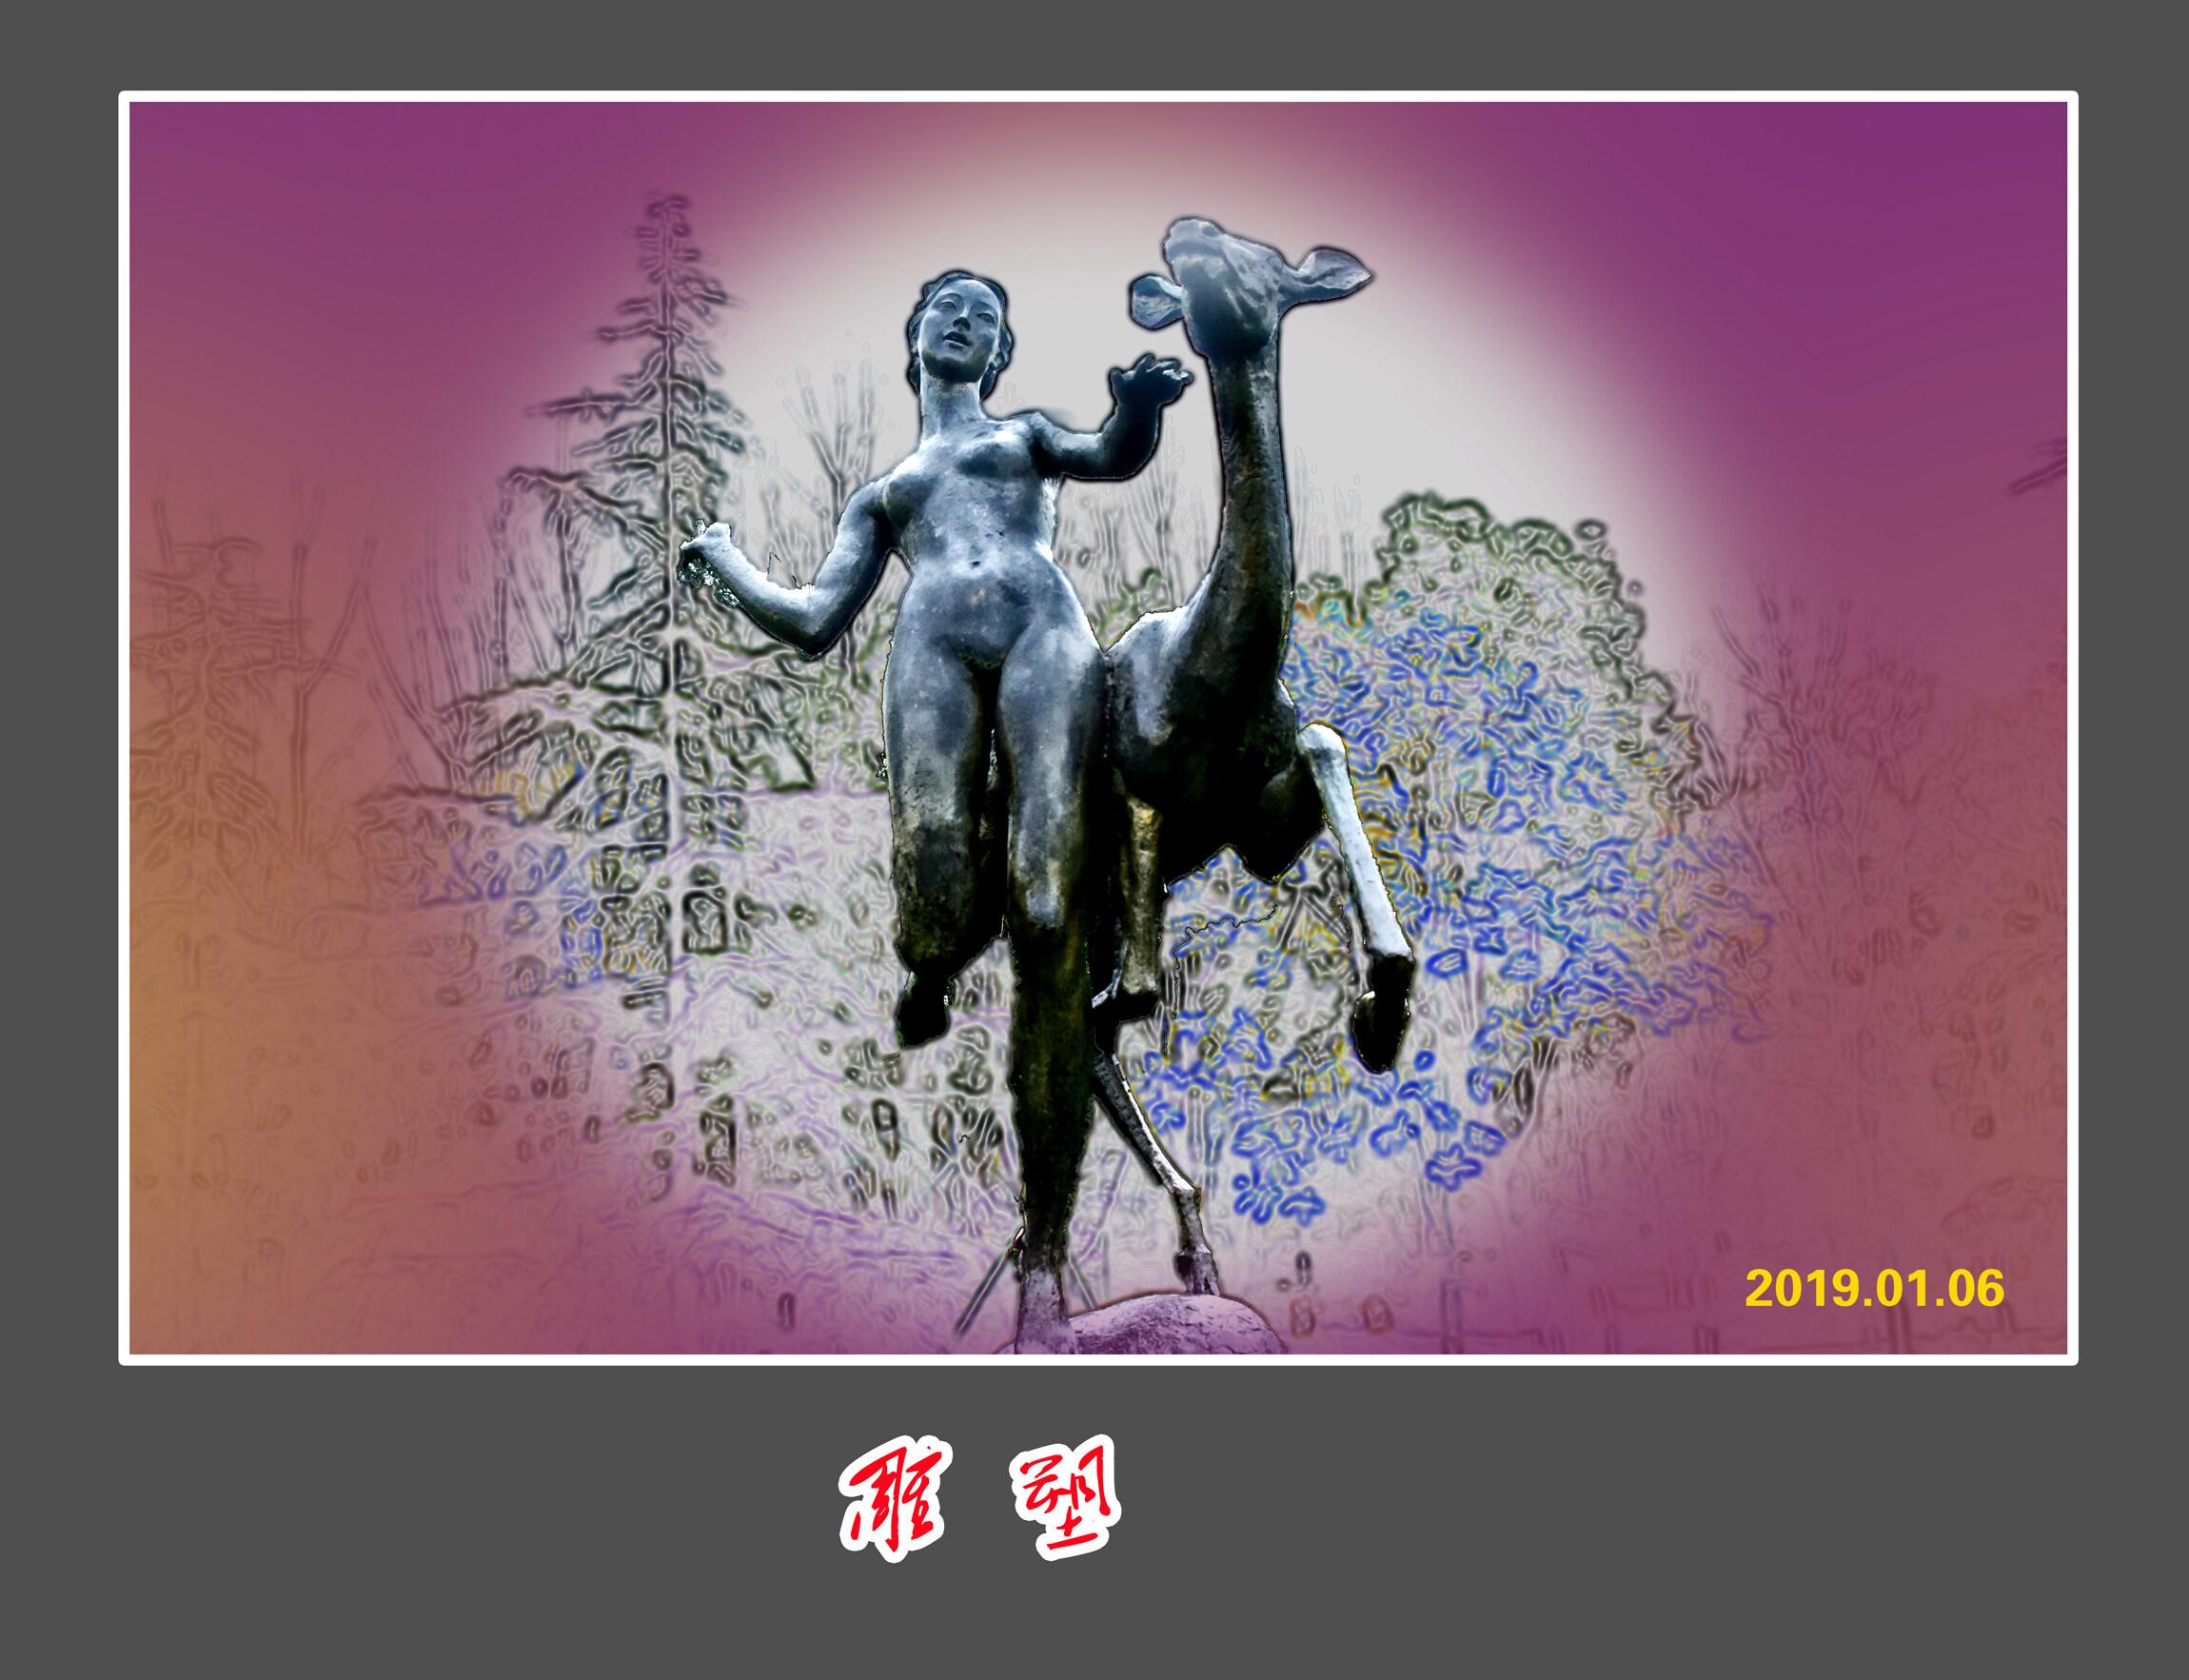 DSC_7881雕塑5.jpg 2.jpg